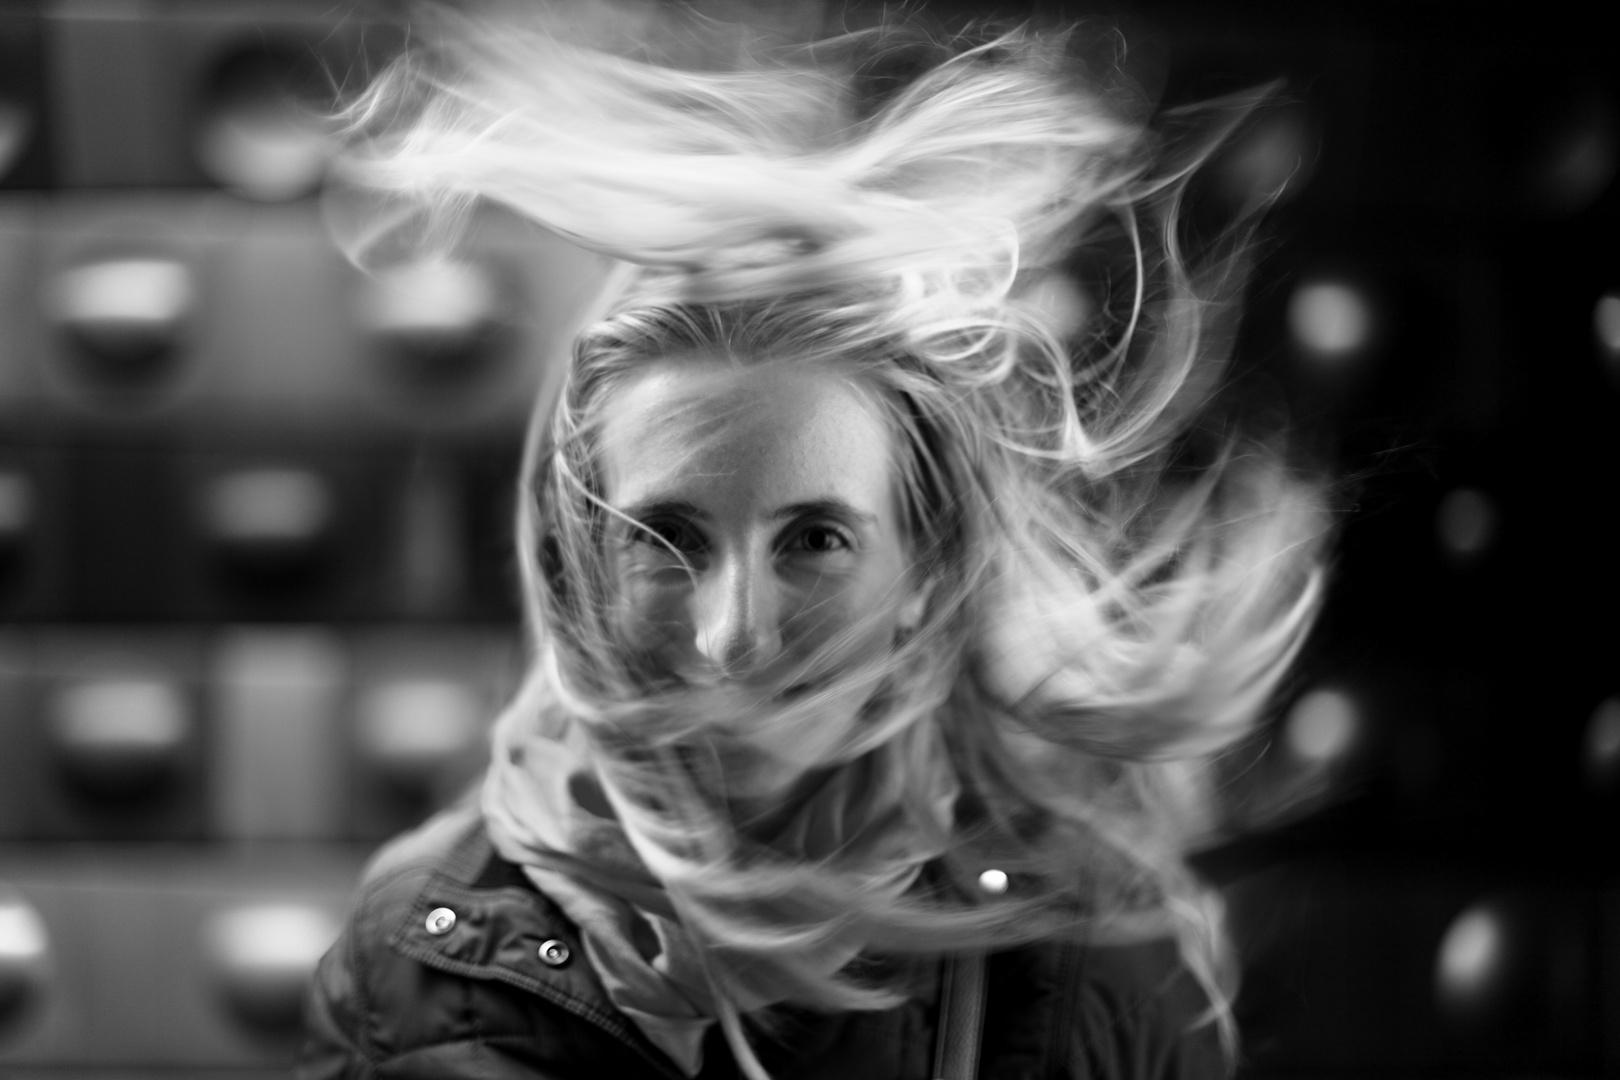 Windy underground